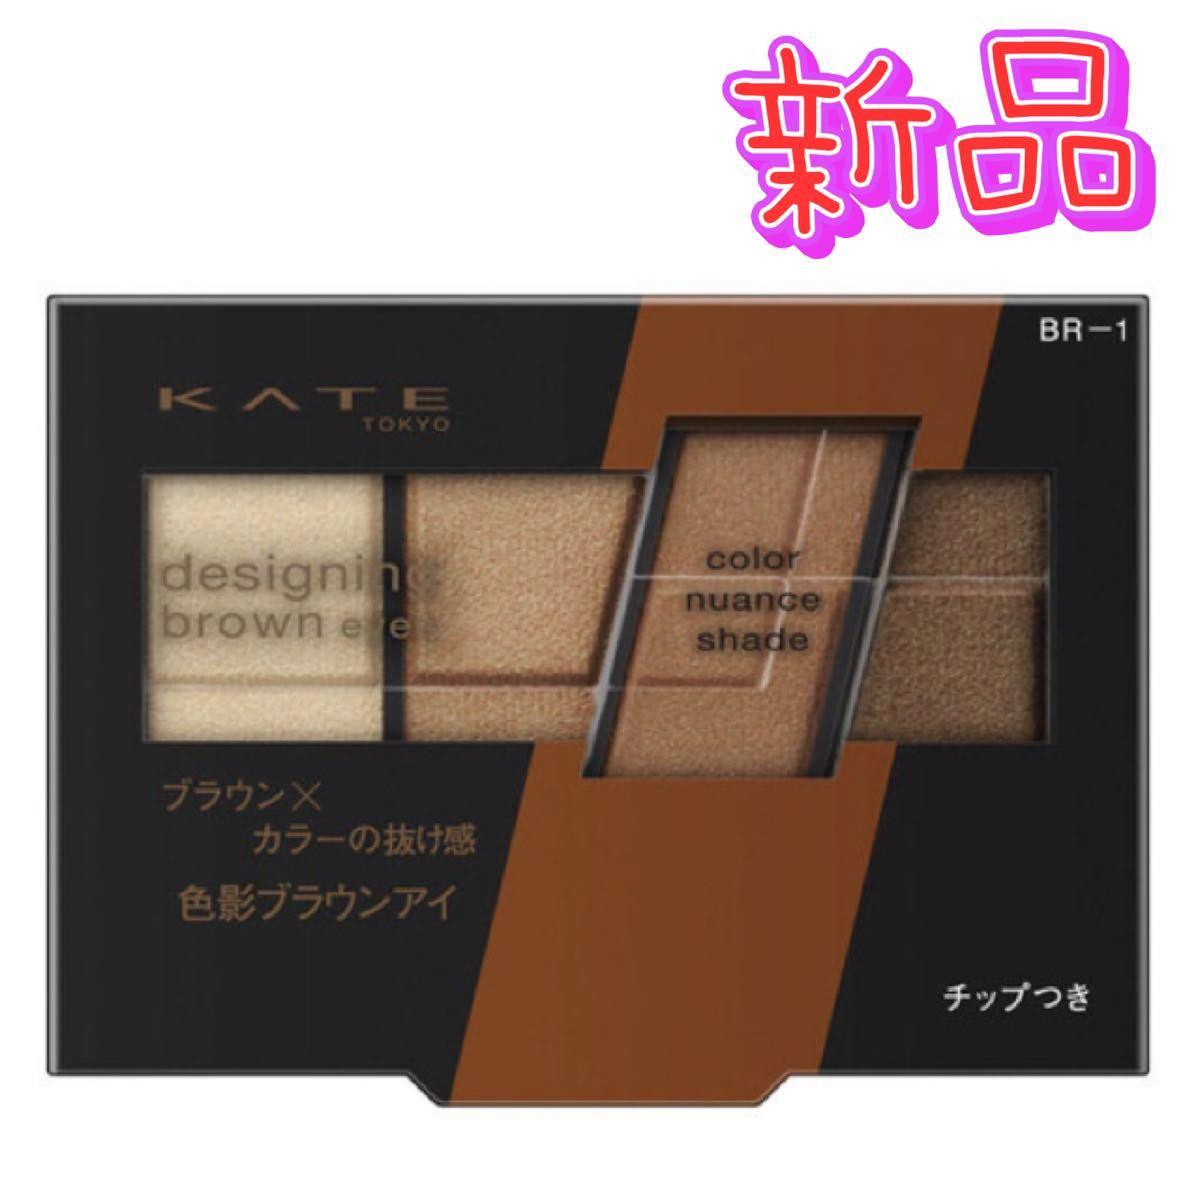 ケイト デザイニングブラウンアイズ BR-1